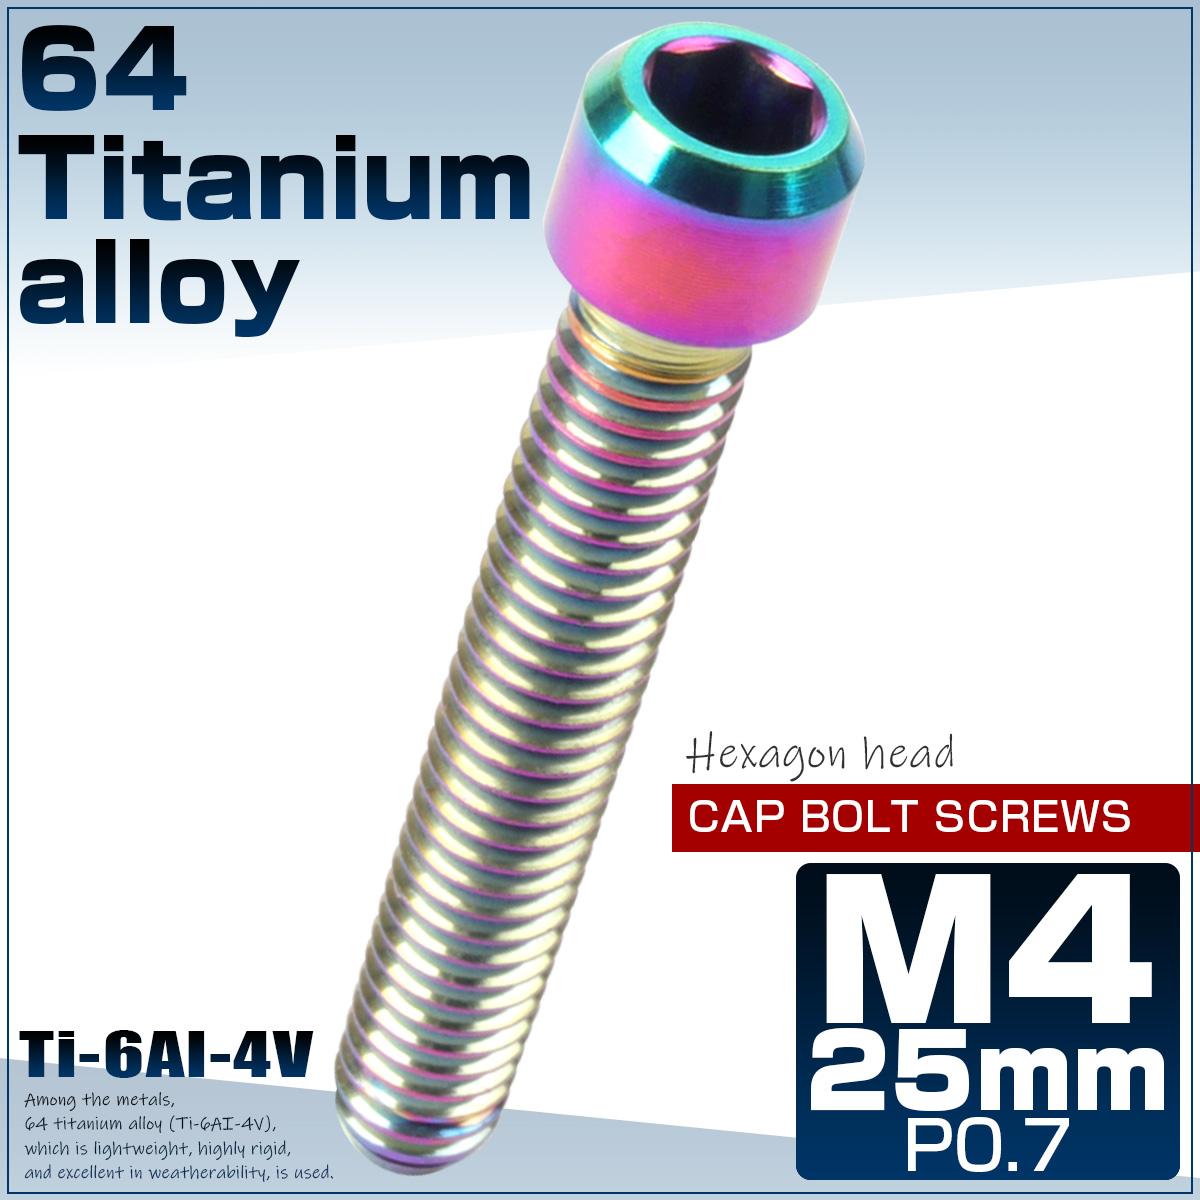 【ネコポス可】64チタン キャップボルト M4×25mm P0.7 六角穴 ディレーラー調整ボルト 焼きチタンカラー レインボー JA687